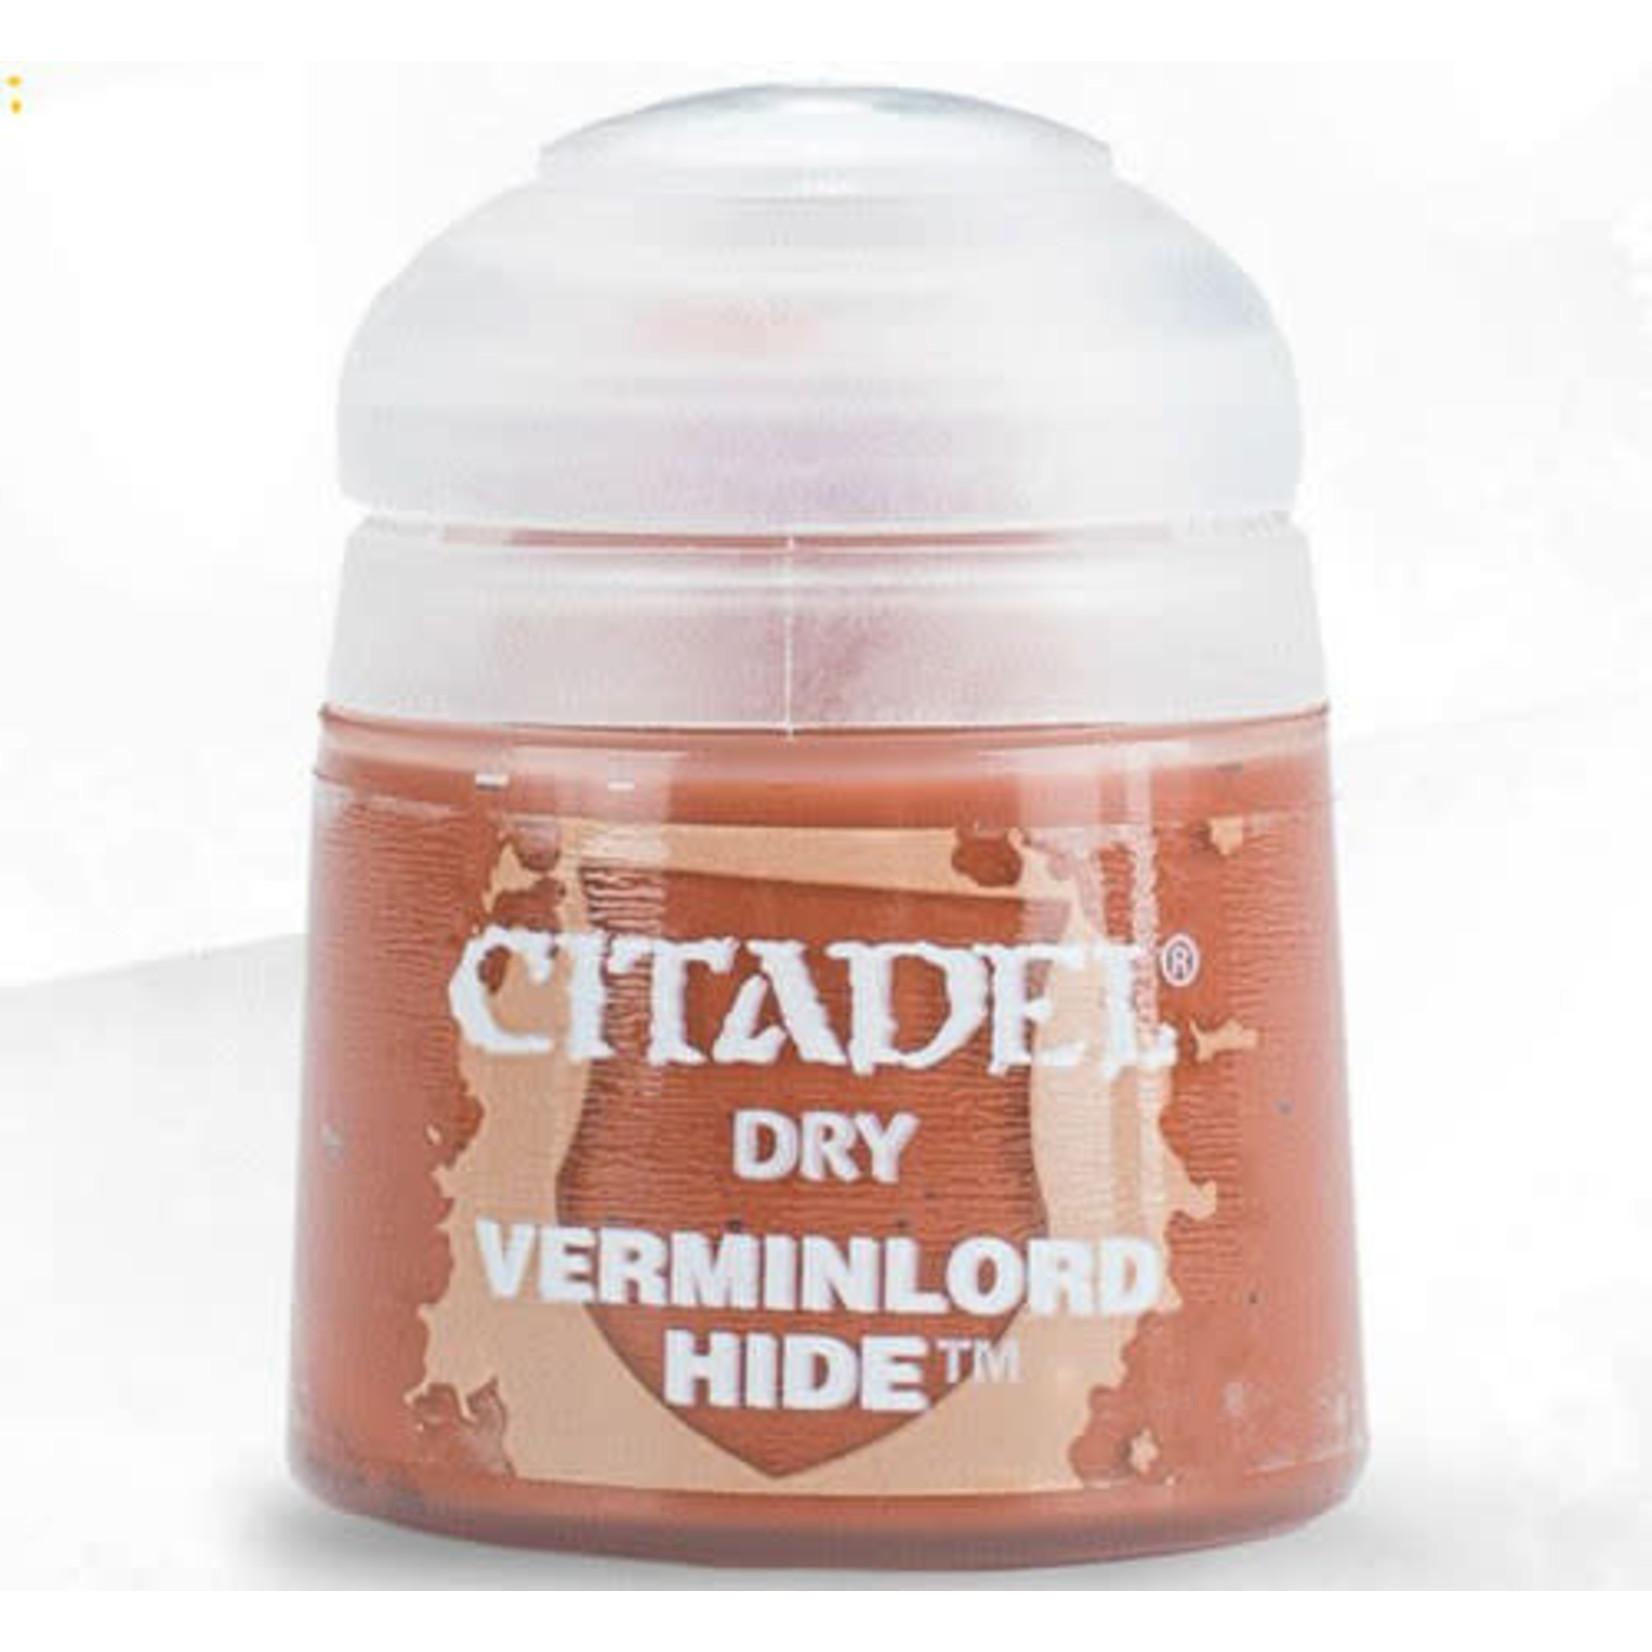 Games Workshop Citadel Paint: Verminlord Hide Dry 12ml